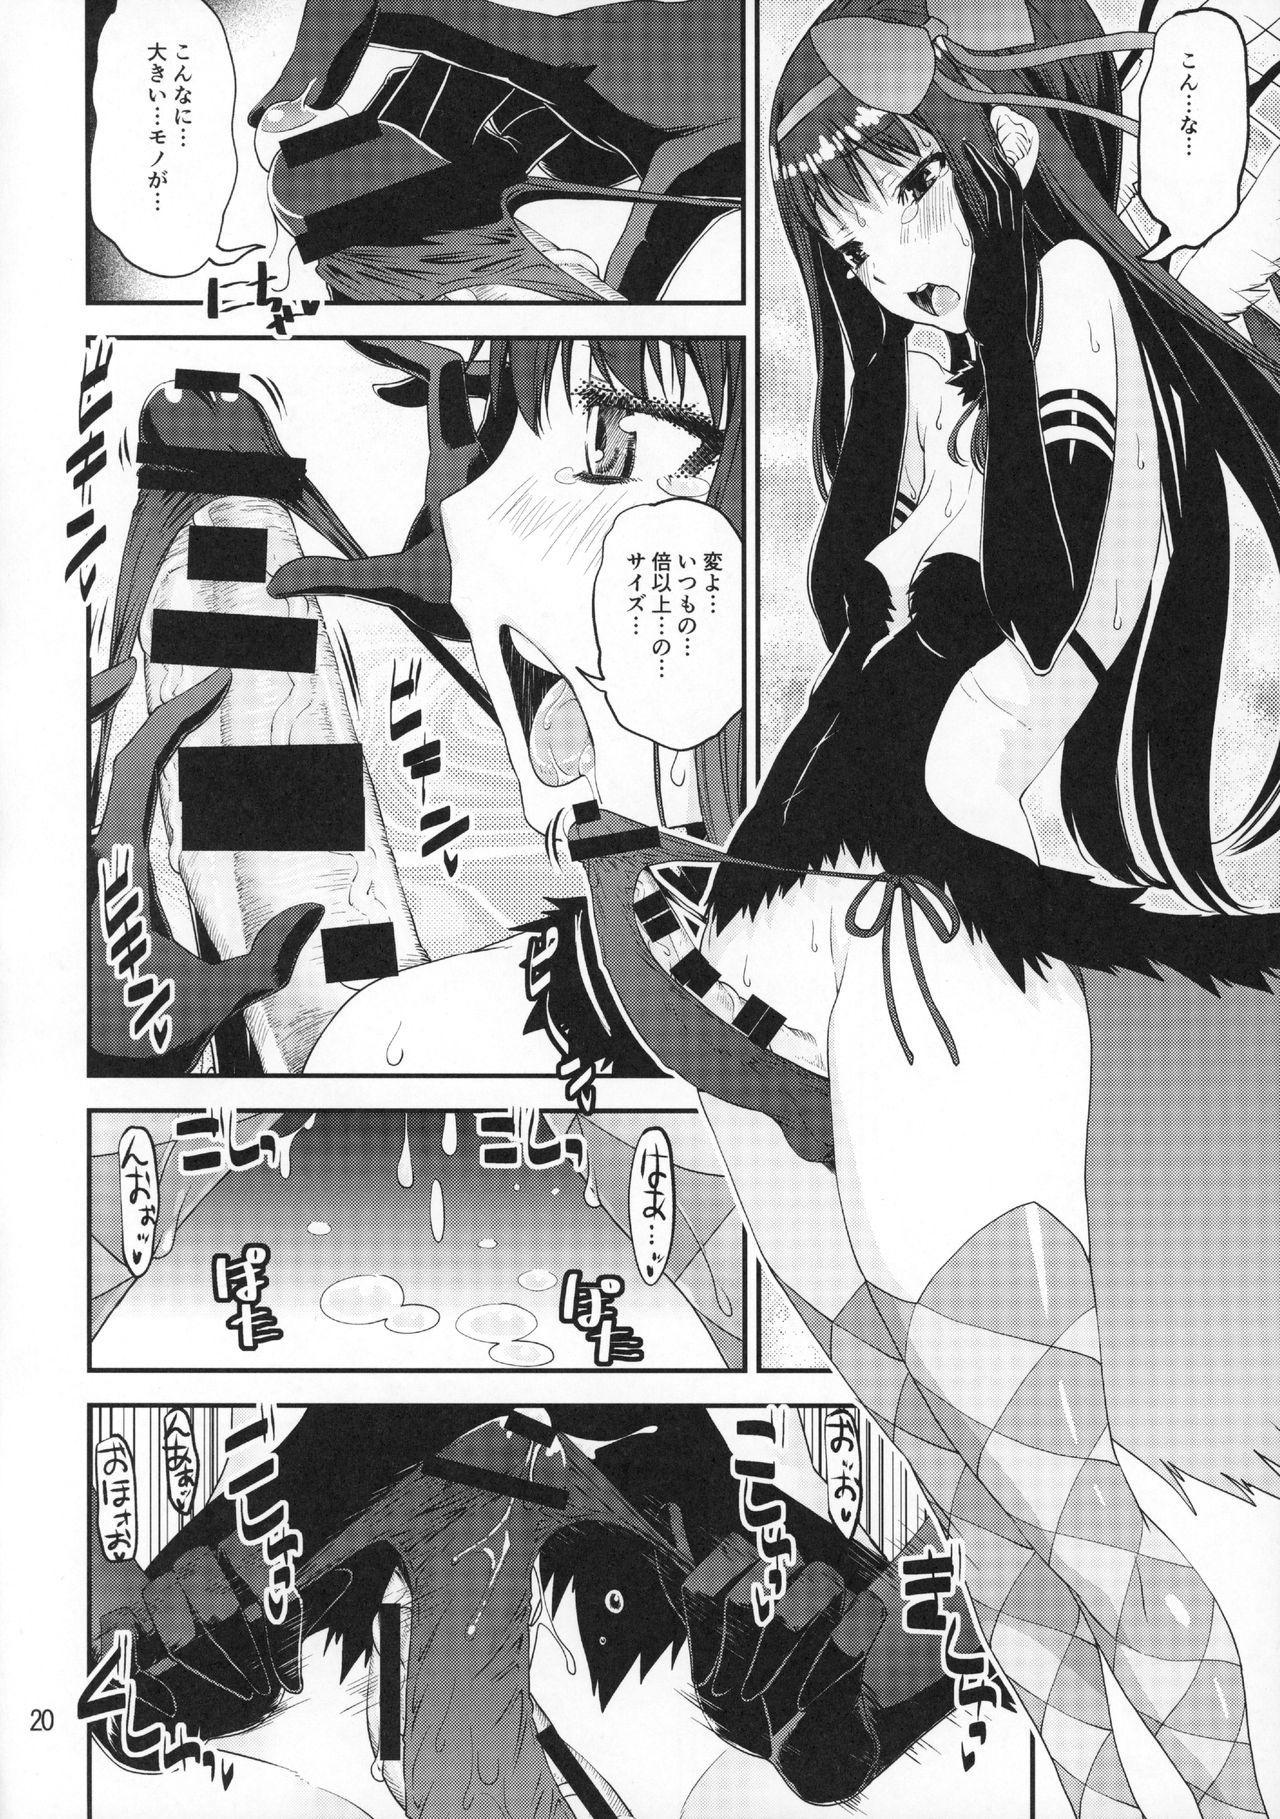 Kami to Akuma no Pantsu Jijou 18